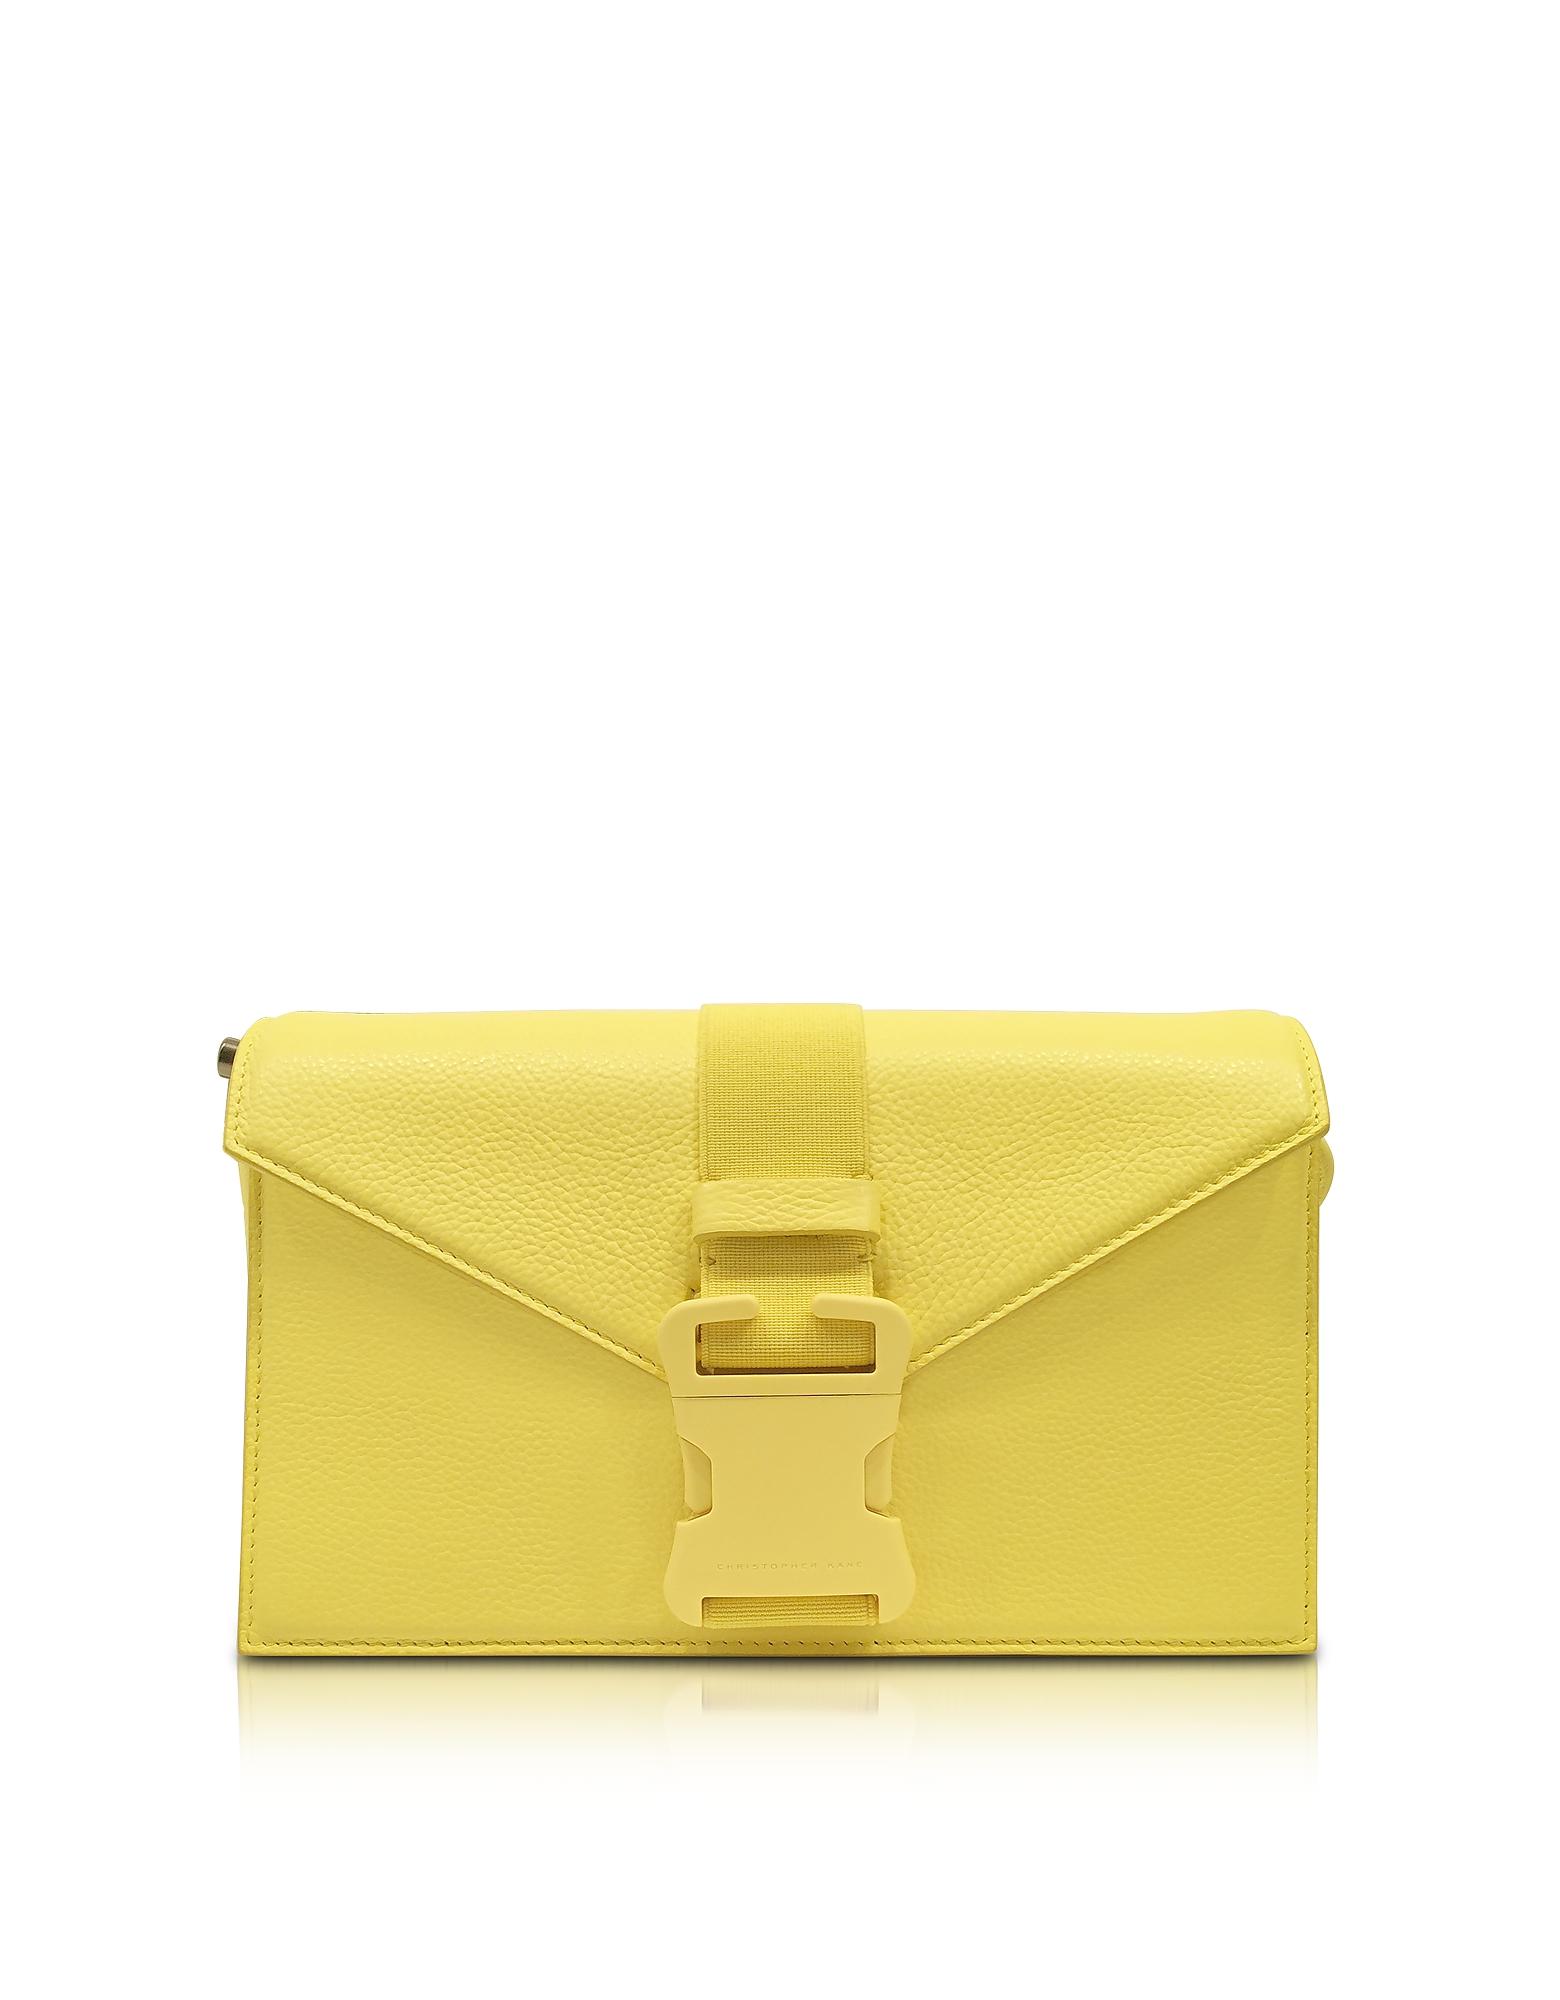 Christopher Kane Handbags, Solar Yellow Grained Leather Devine Og Bag